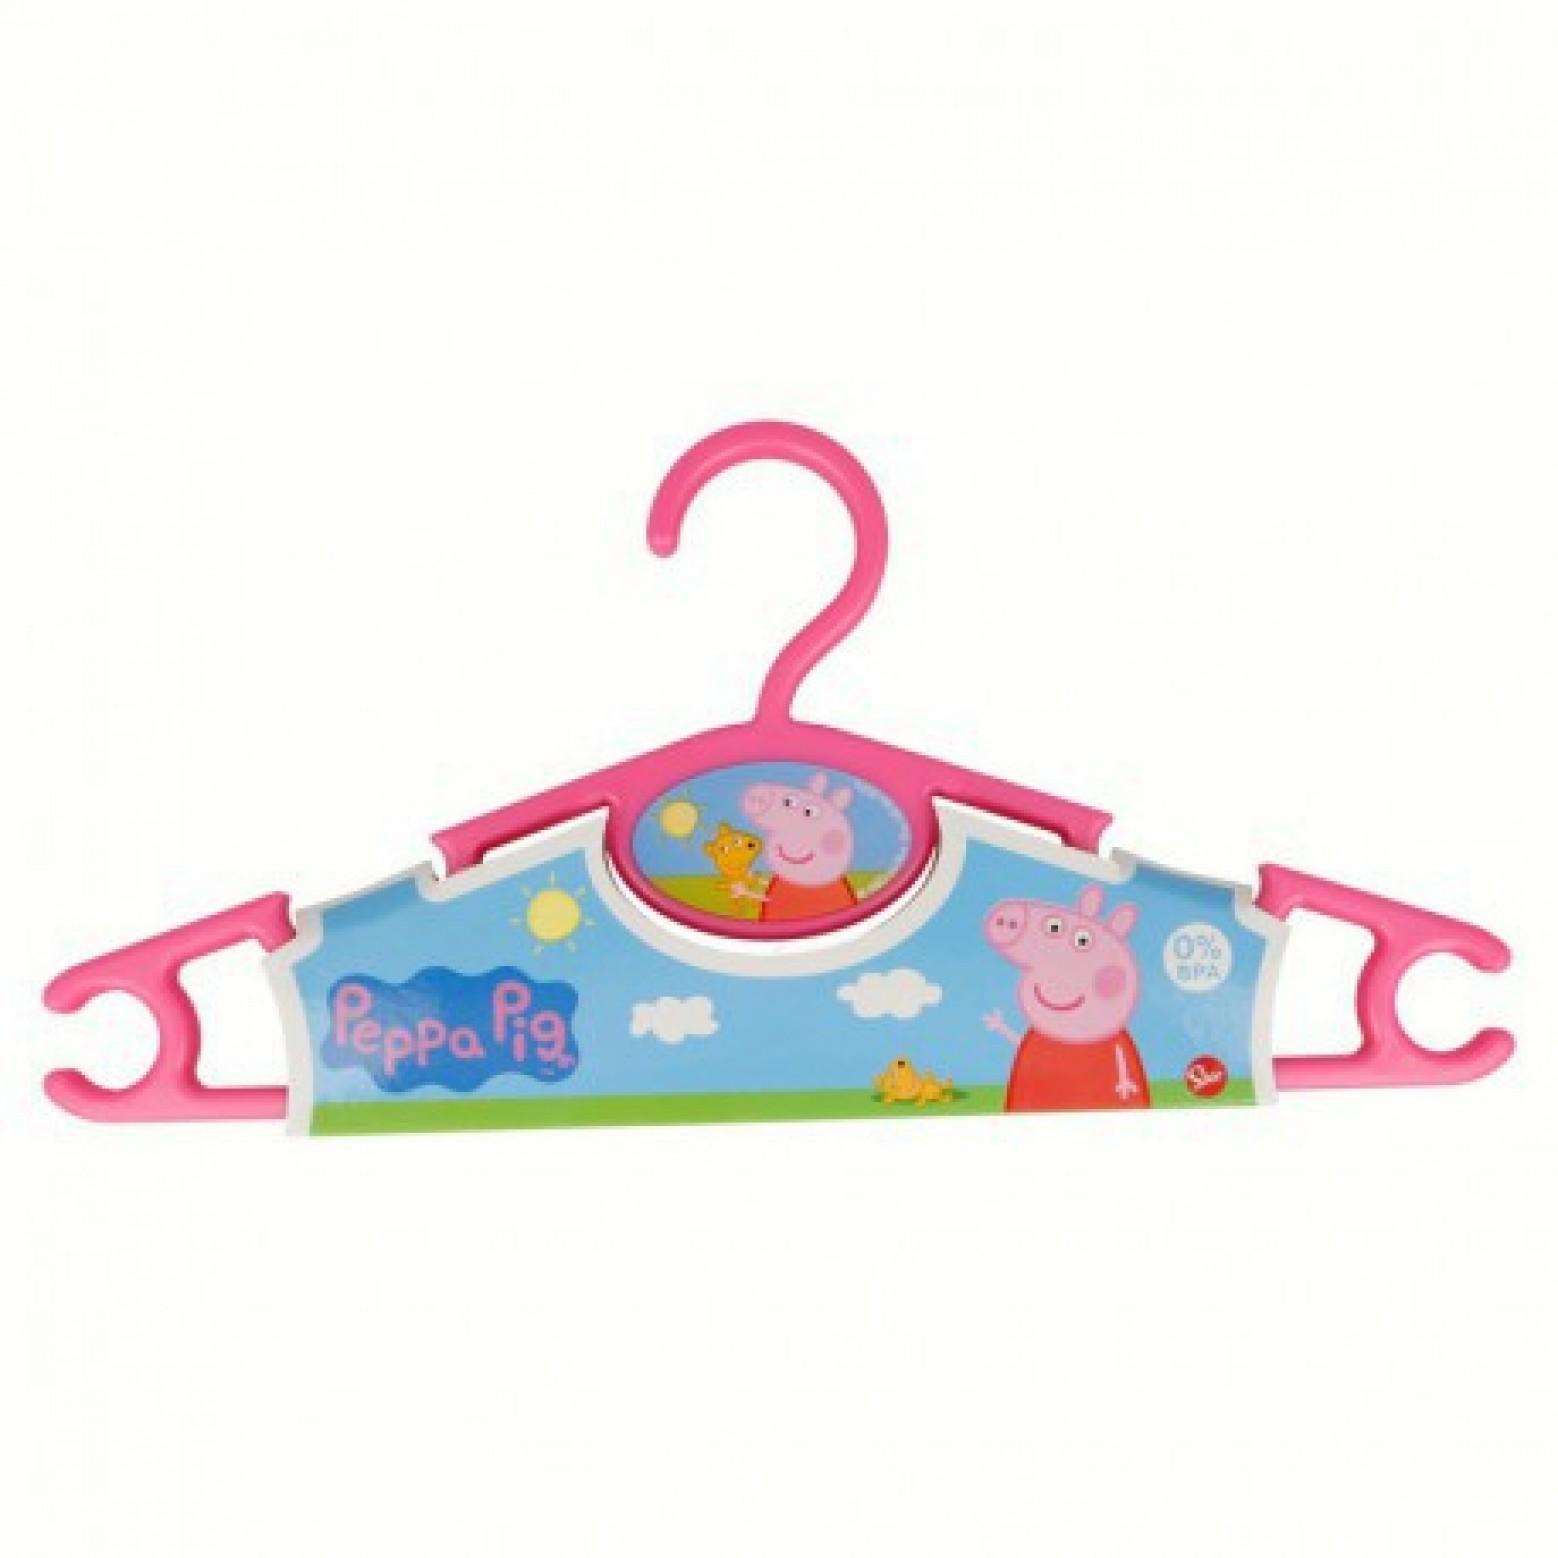 Peppa pig kledinghangers set van 3